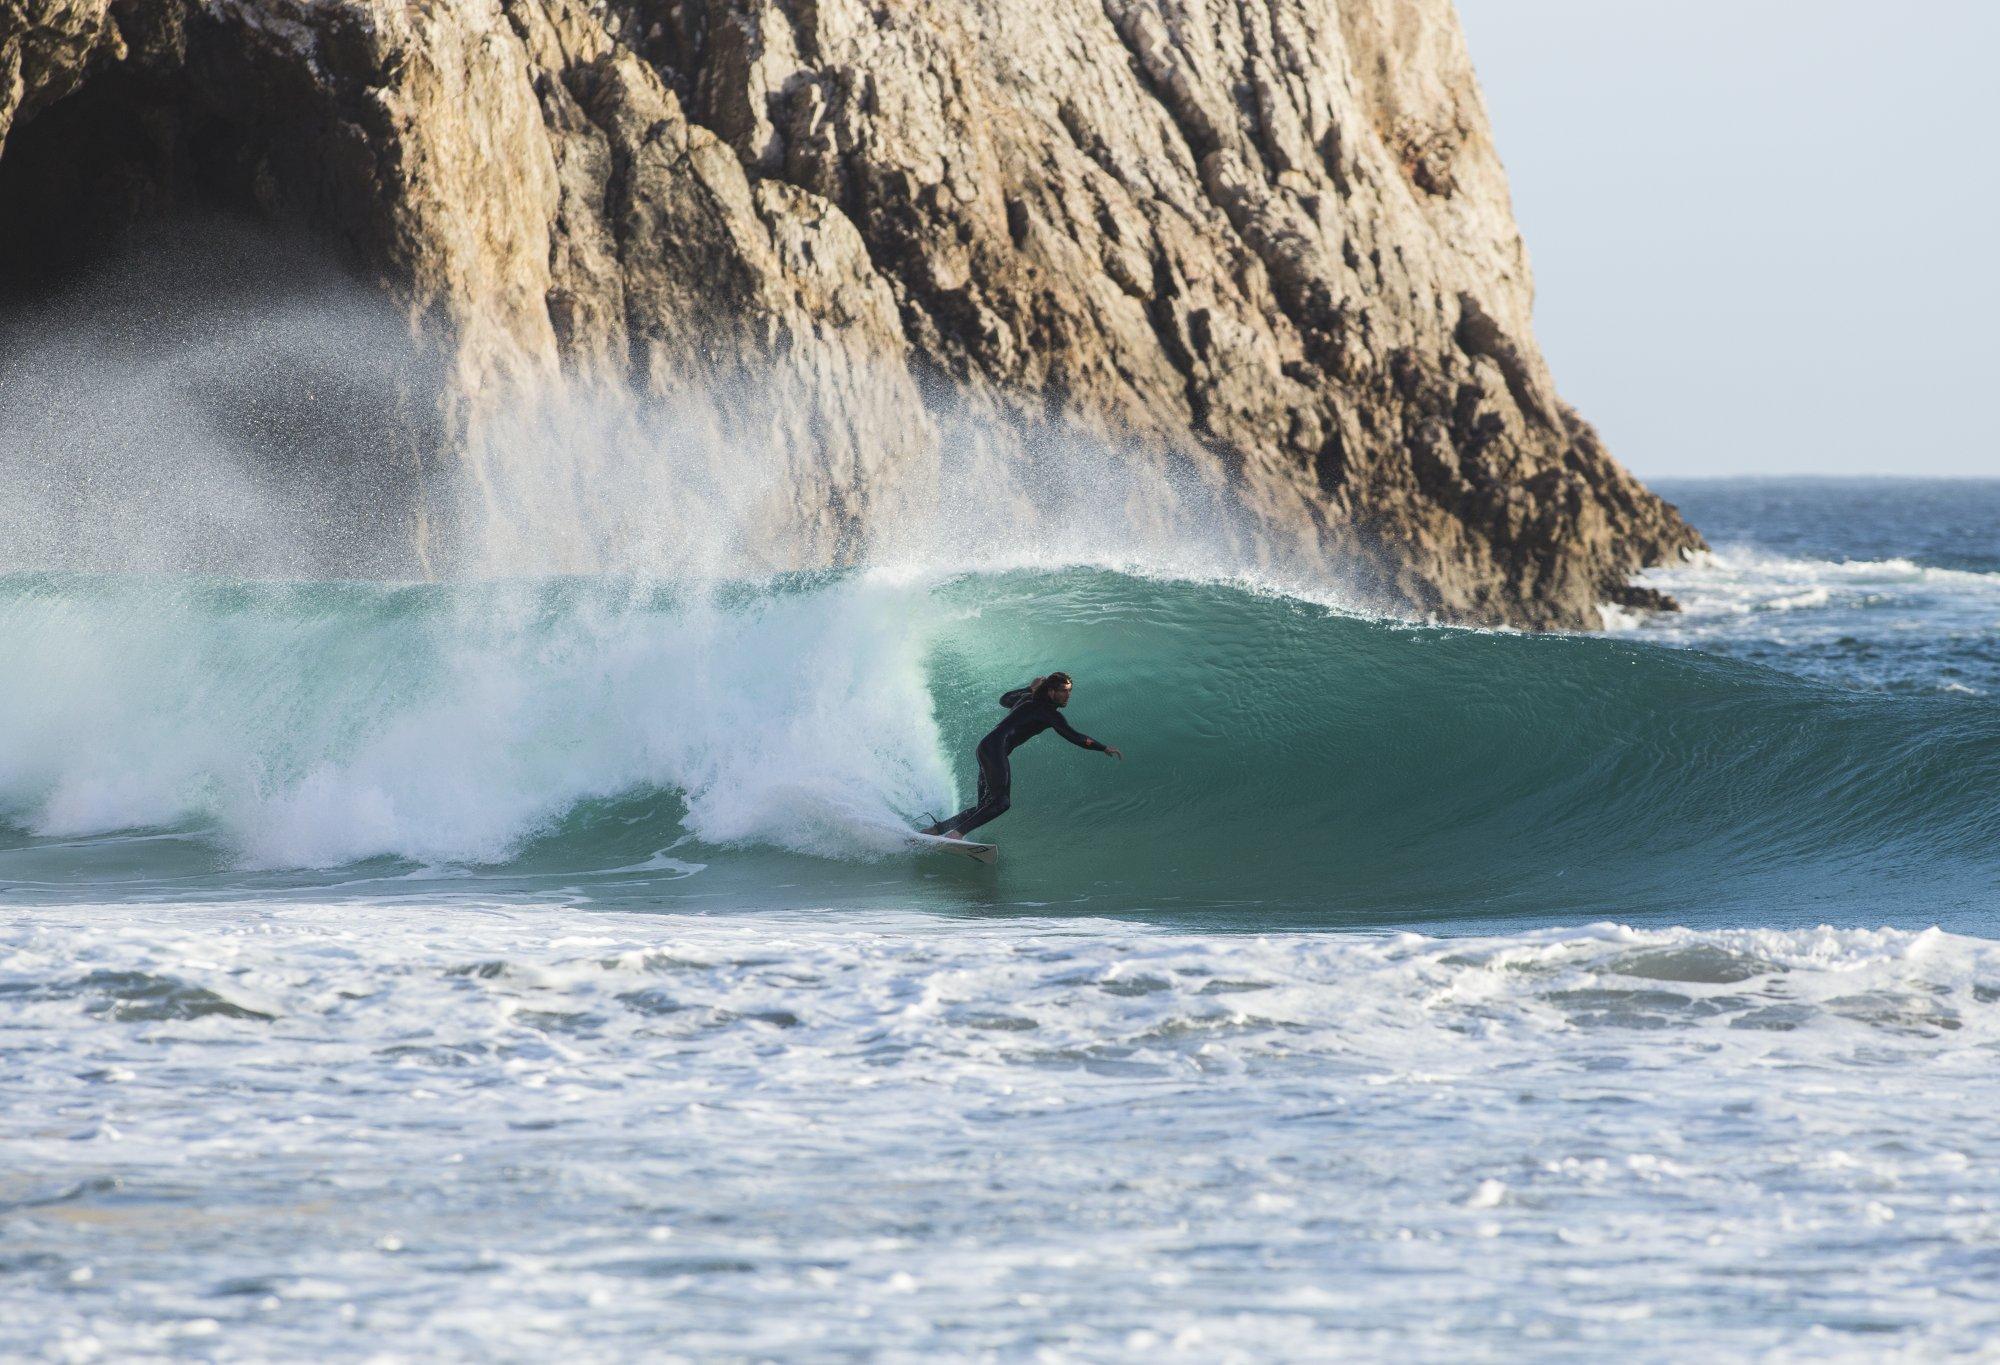 Ihr wollt solche Wellen surfen? Die sind im Oktober Standard in Portugal. Ein guter Grund mehr für das Rocks & Beach Festival!